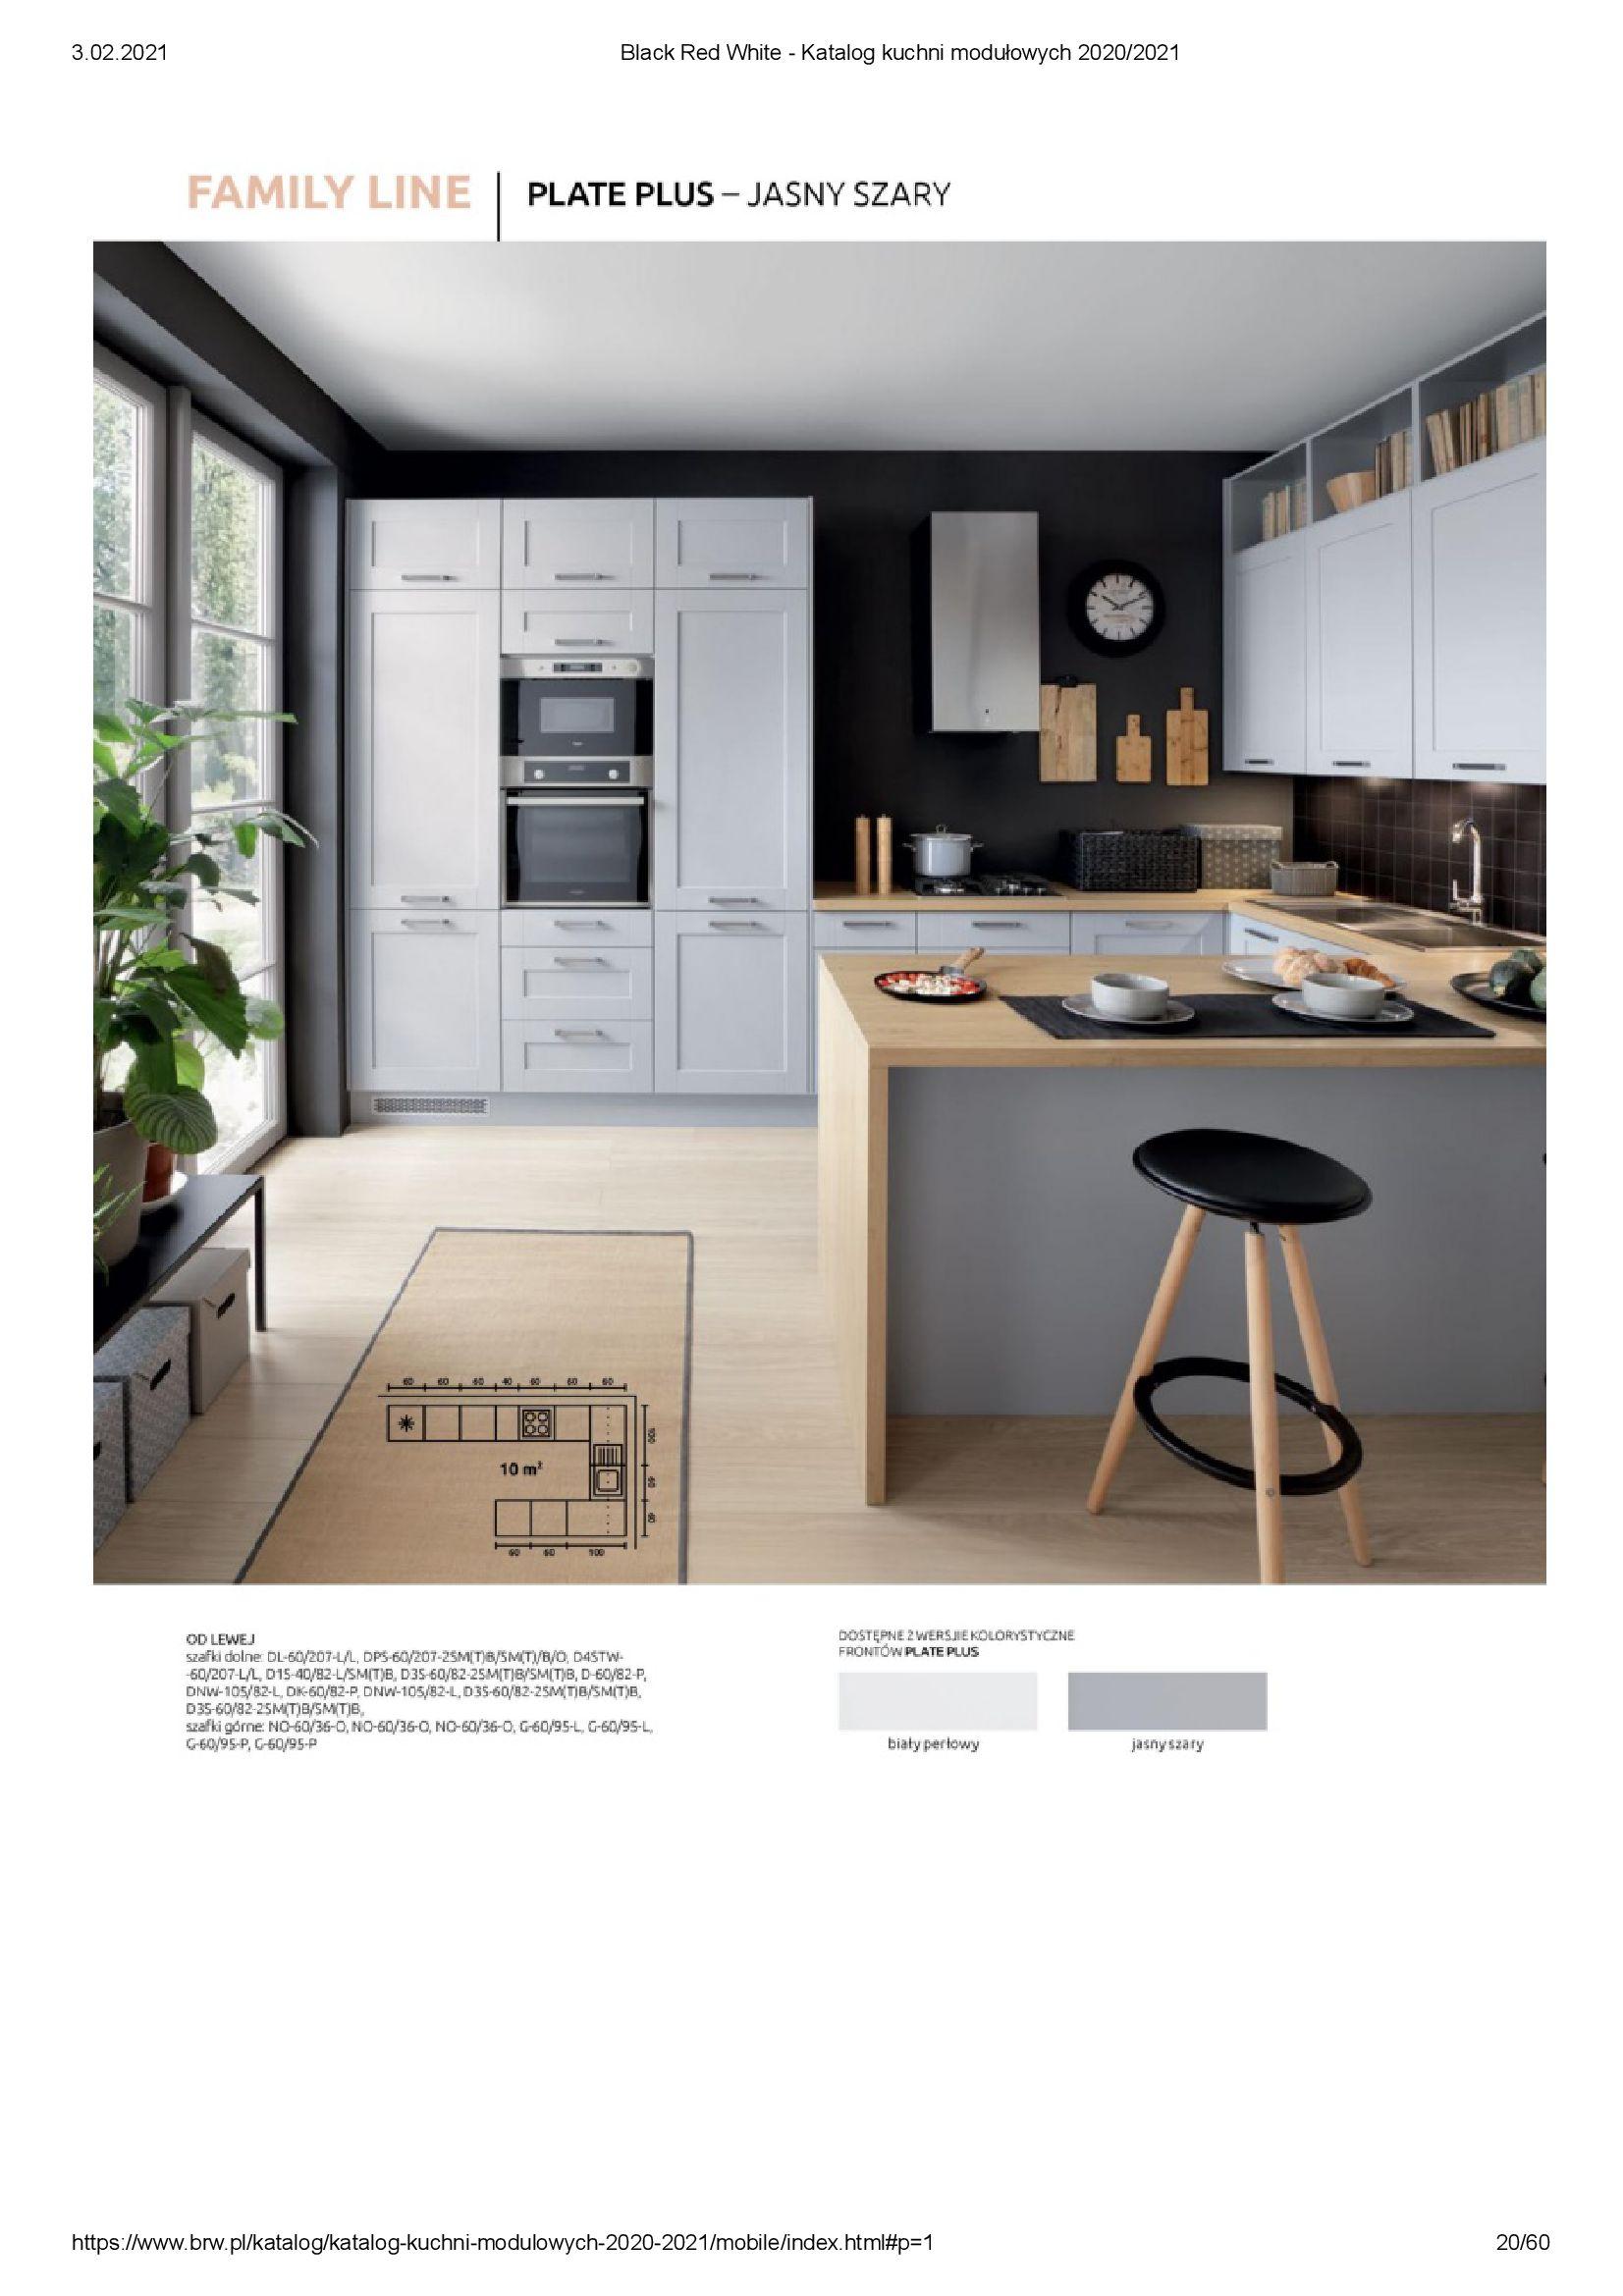 Gazetka Black Red White: Katalog - Kuchnie modułowe 2020/2021 2021-01-01 page-20